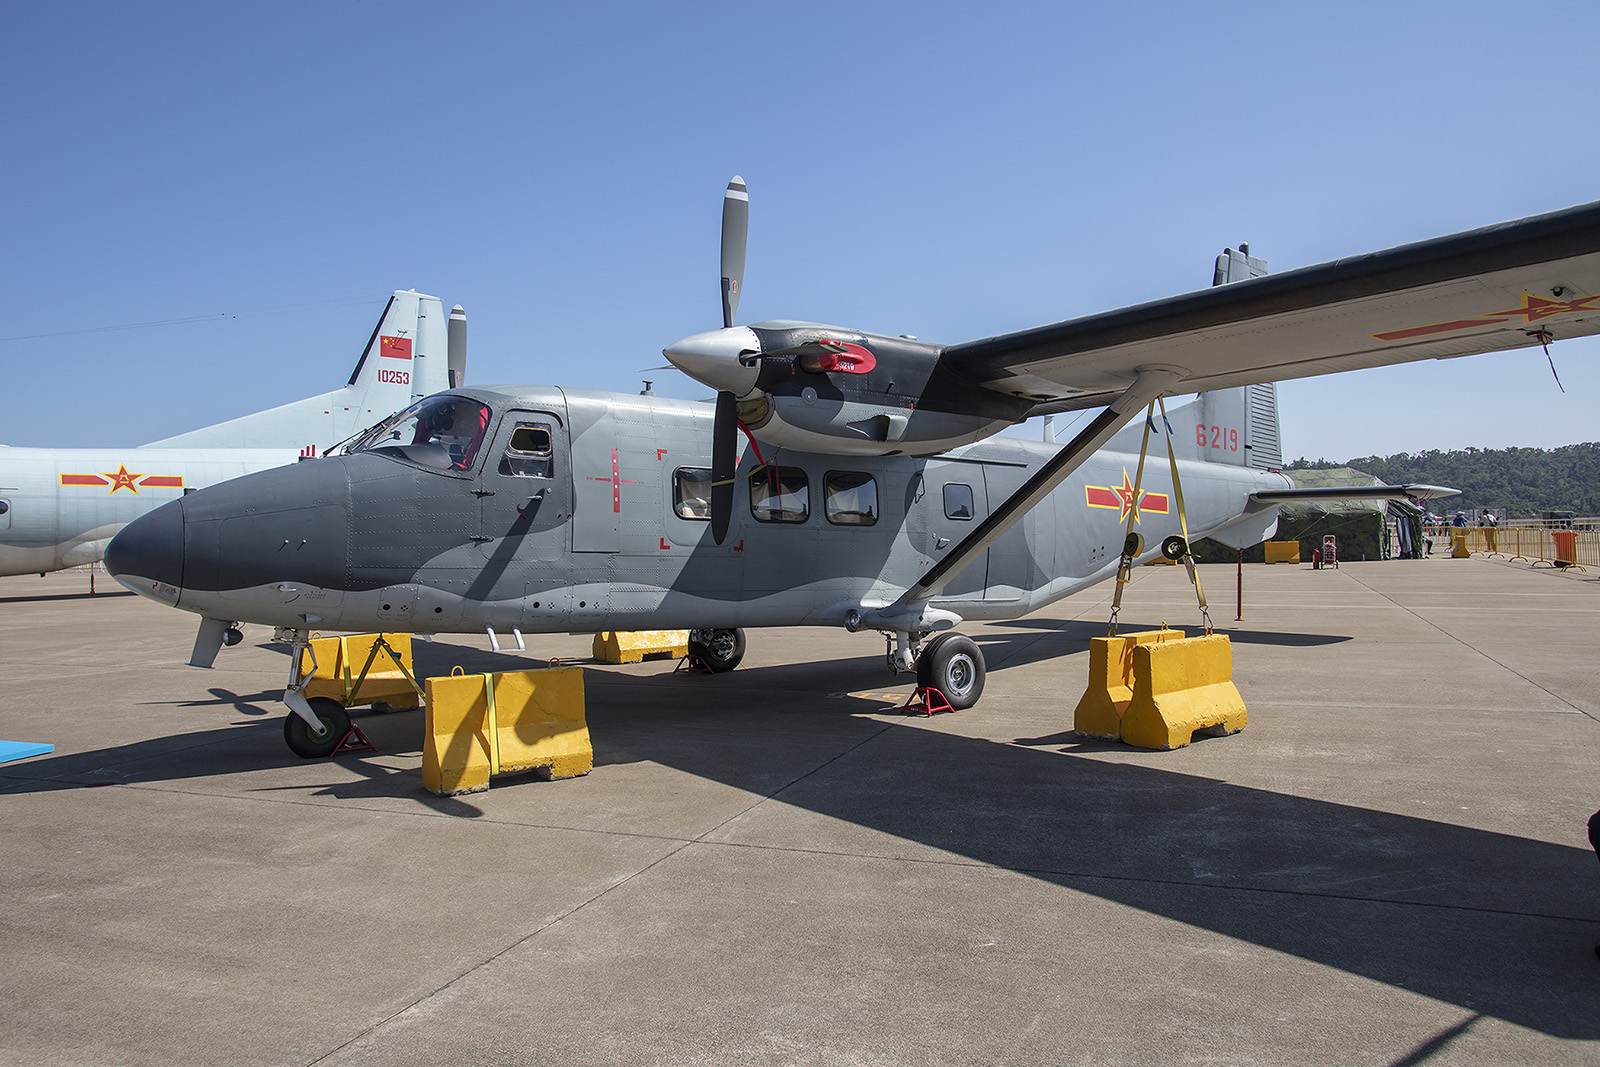 Schon seit 1982 baut China die Harbin Y-12. Der kleine Transporter ist nicht nur im Reich der Mitte unterwegs, sondern auch in kleinen Inselgruppen in der Südsee.